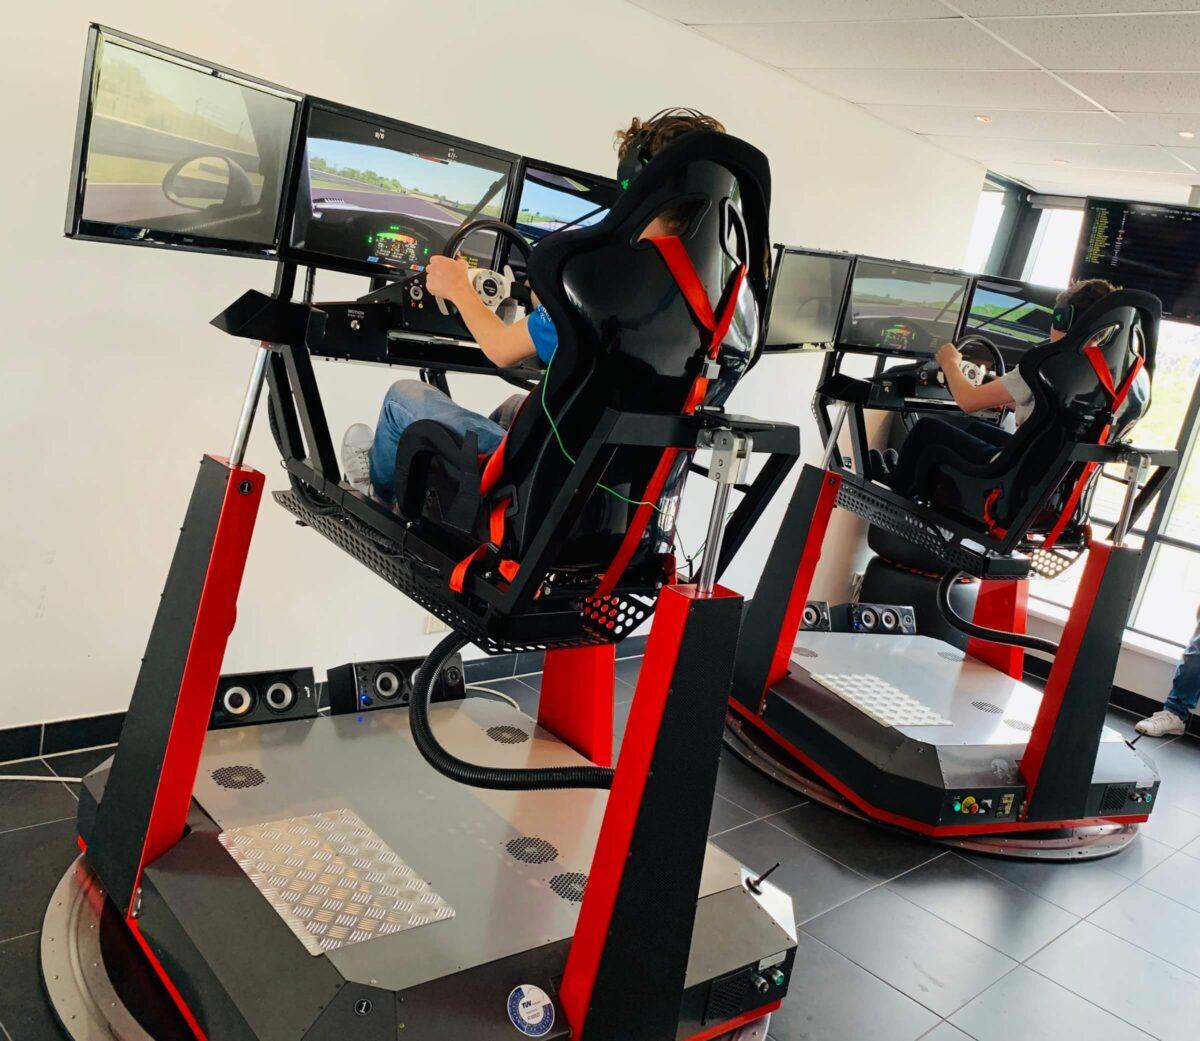 racesimulatie - simulator - beleving - rl racing - f1